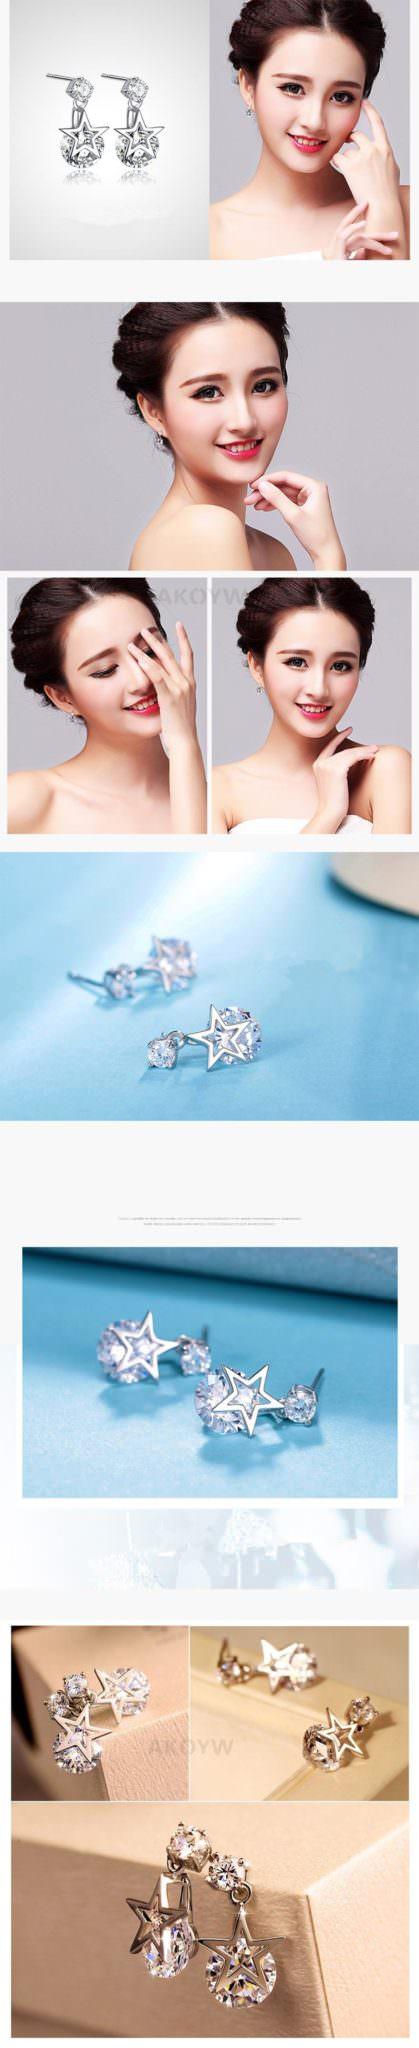 11578-ddf7745d3821e37d7b3210412f9ee69f 2016 Ms Crystal Pentagram Cubic Zirconia Fashion Jewelry Earrings